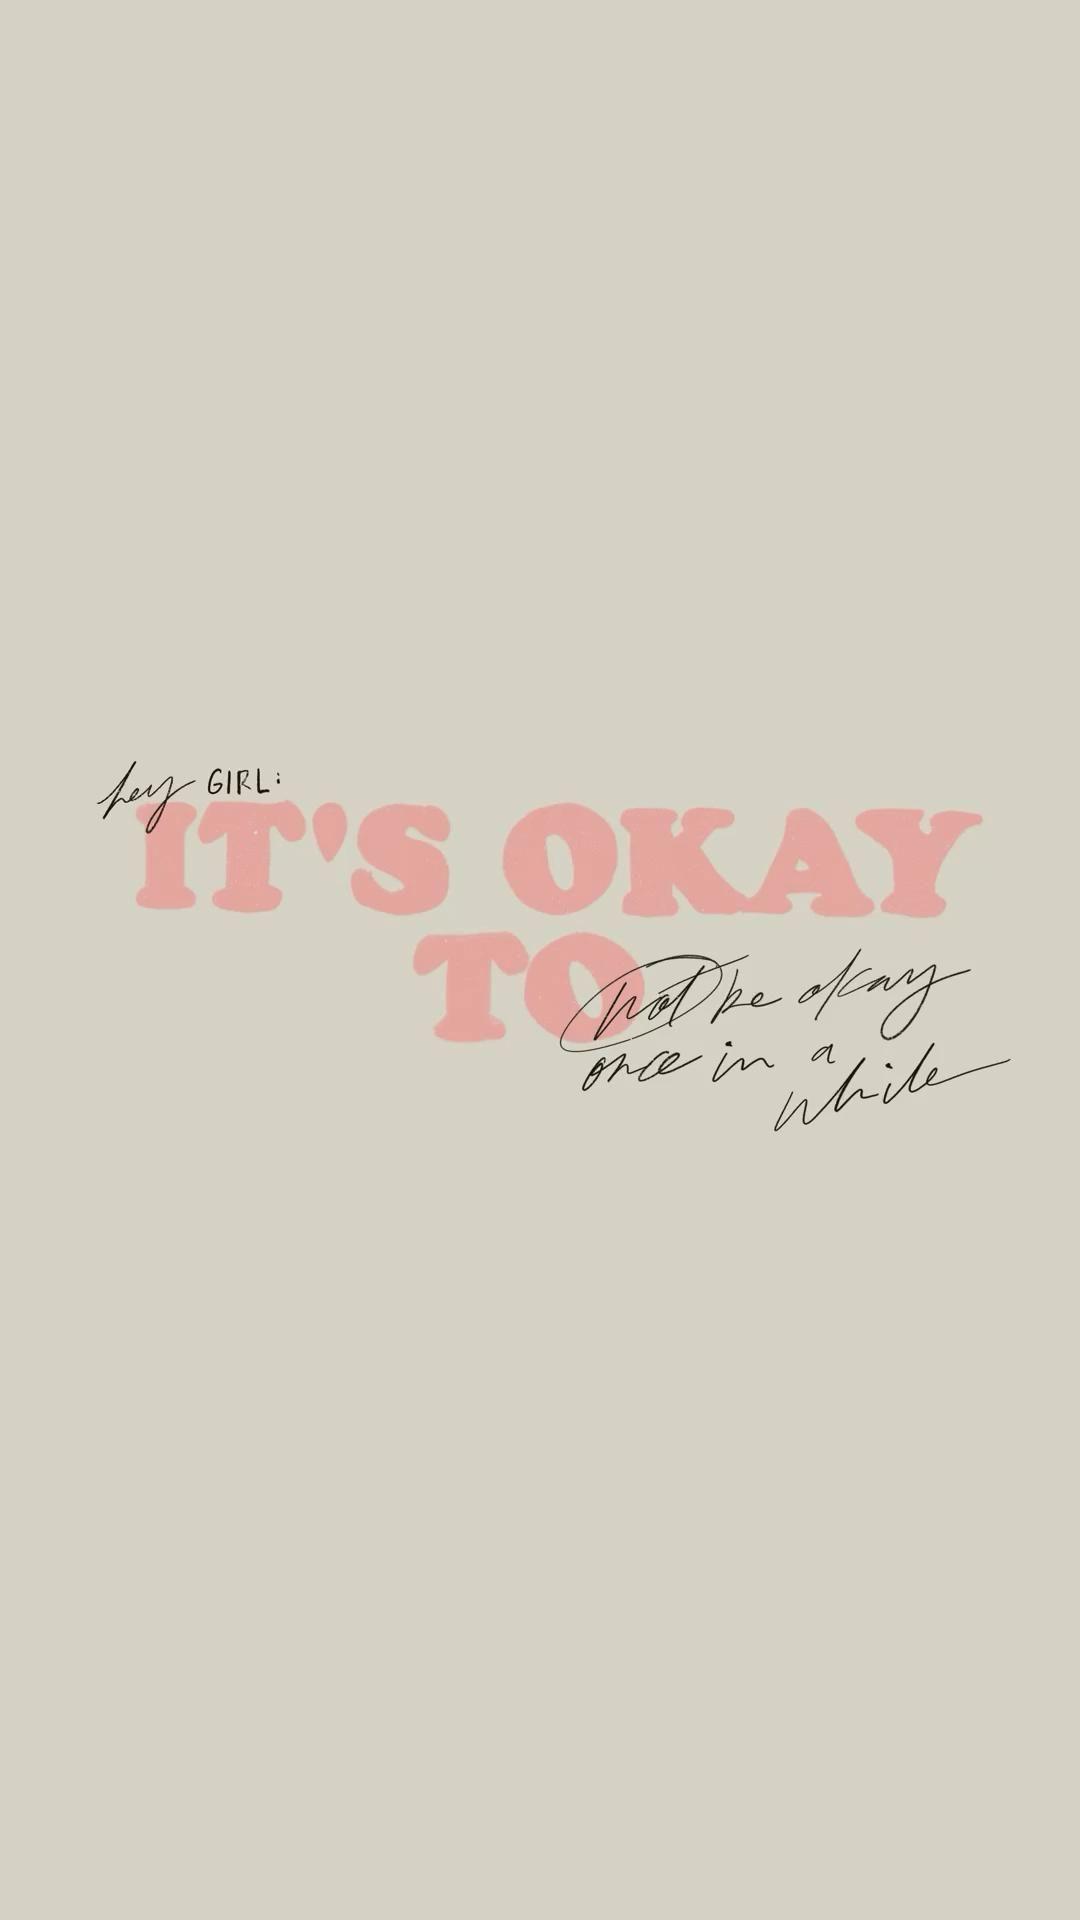 It's ok 🙃